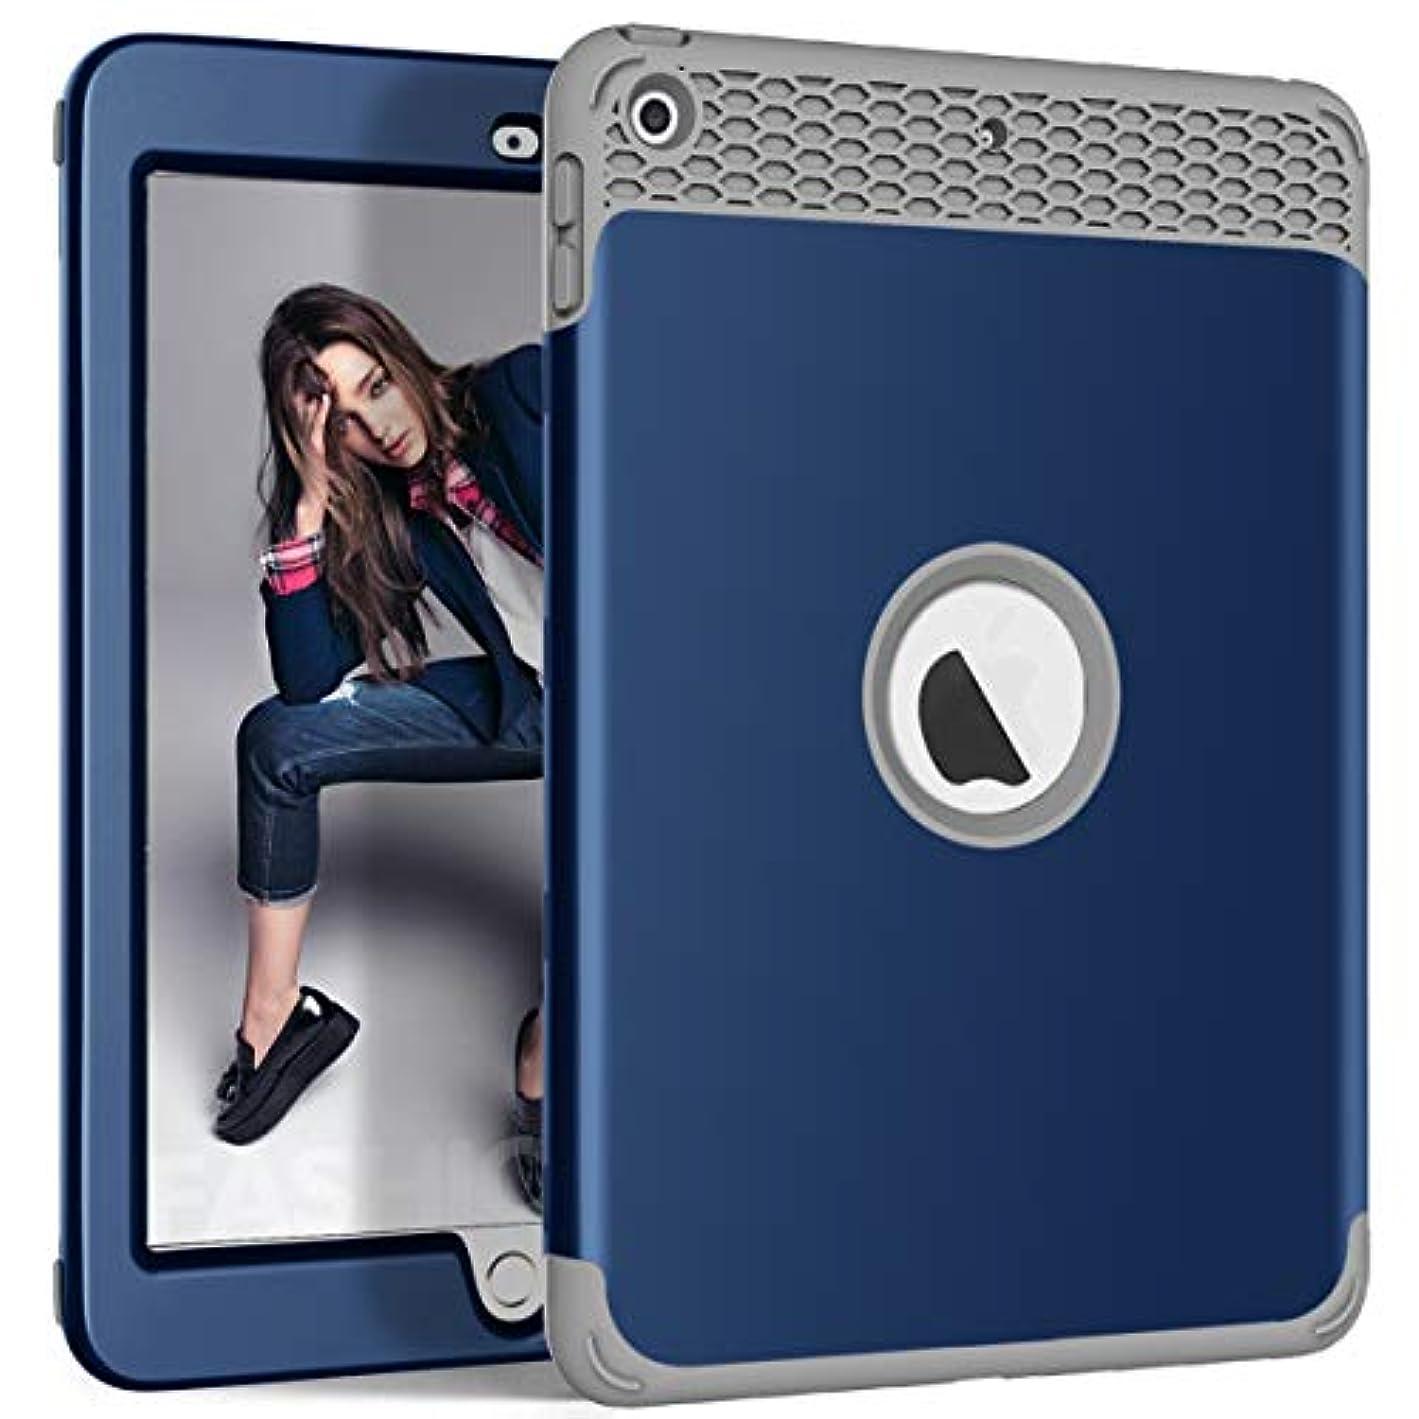 割り込み取り壊す刺しますHocase 第6世代/第5世代 iPadケース 高耐久 耐衝撃 ハードプラスチックカバー+耐衝撃性シリコンゴム 保護バンパーケース 9.7インチ iPad A1893/A1954/A1822/A1823 - ネイビーブルー